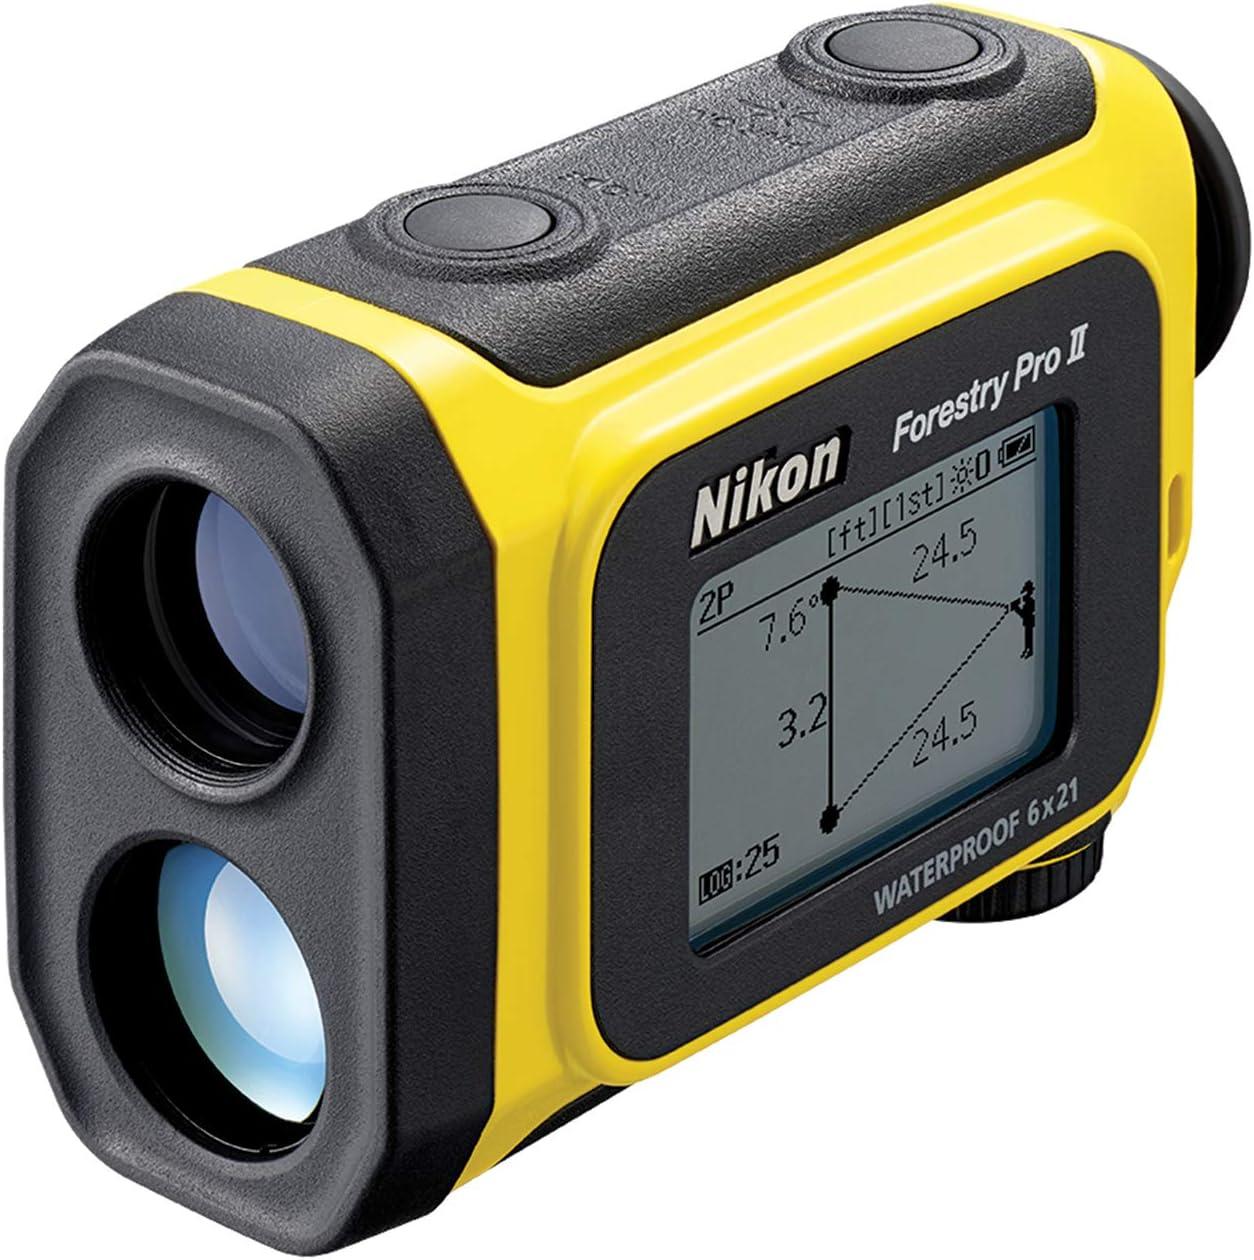 3. Nikon Forestry Pro II